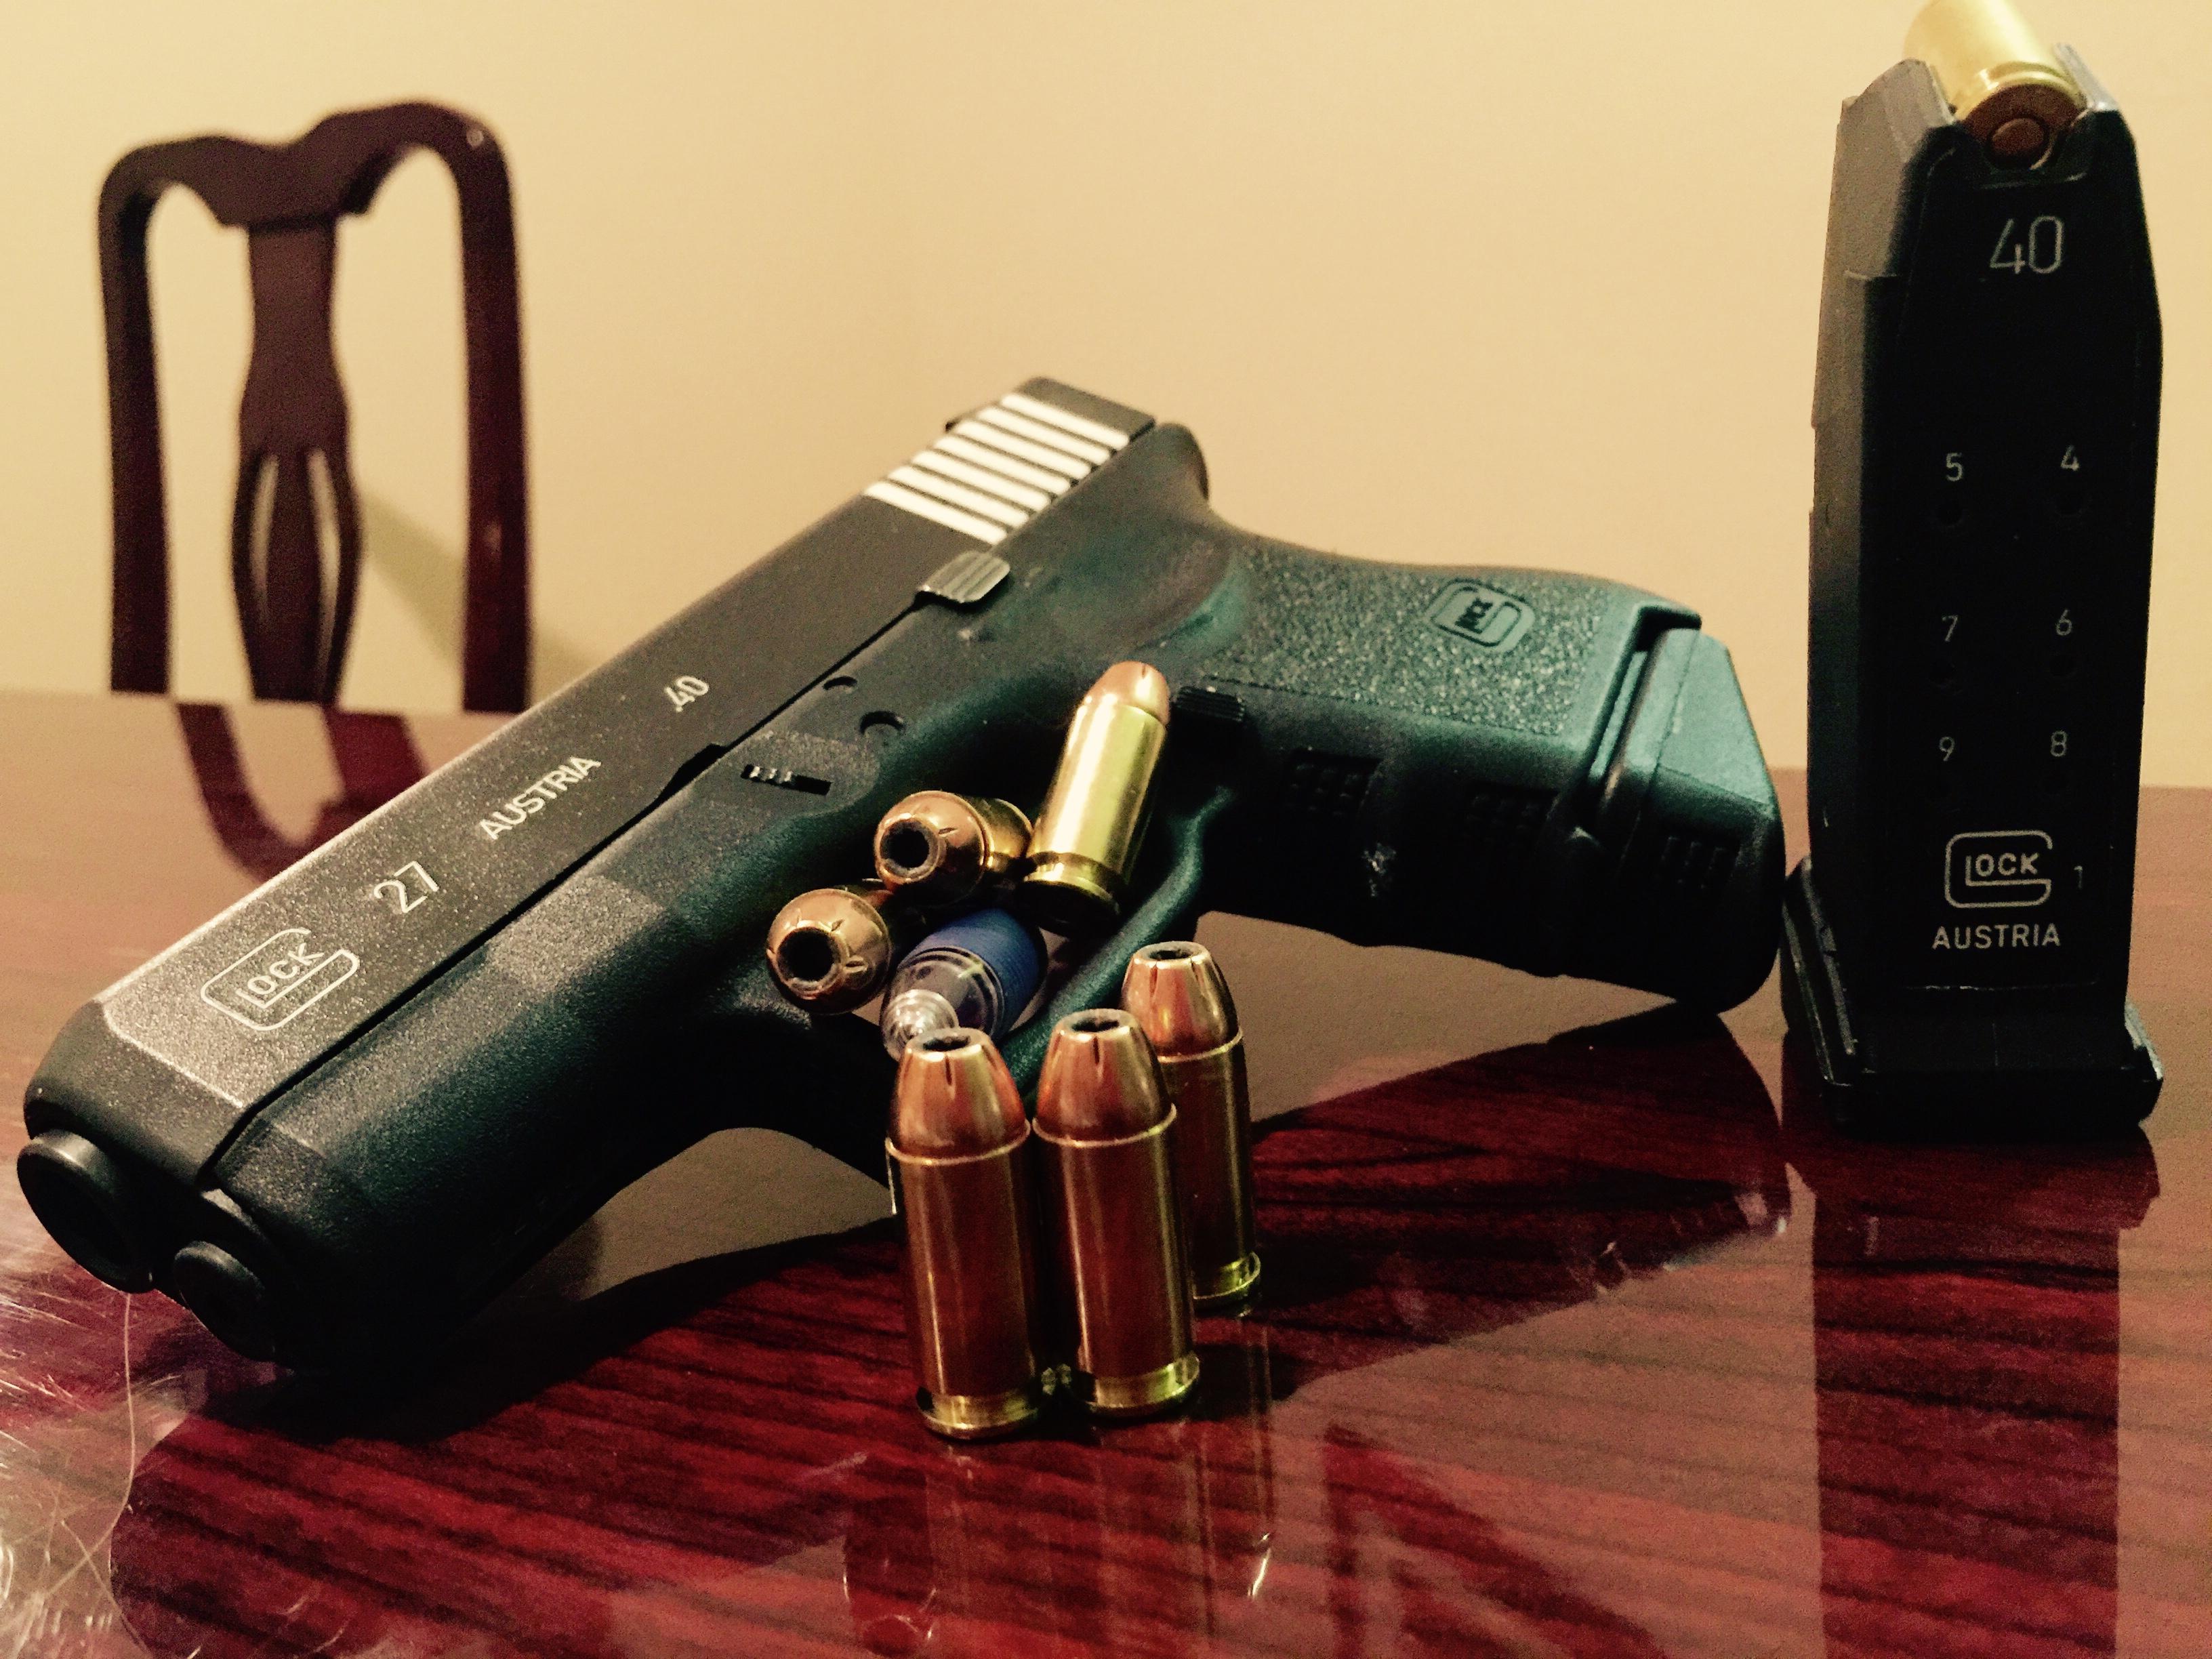 Painted Glock-fullsizerender.jpg